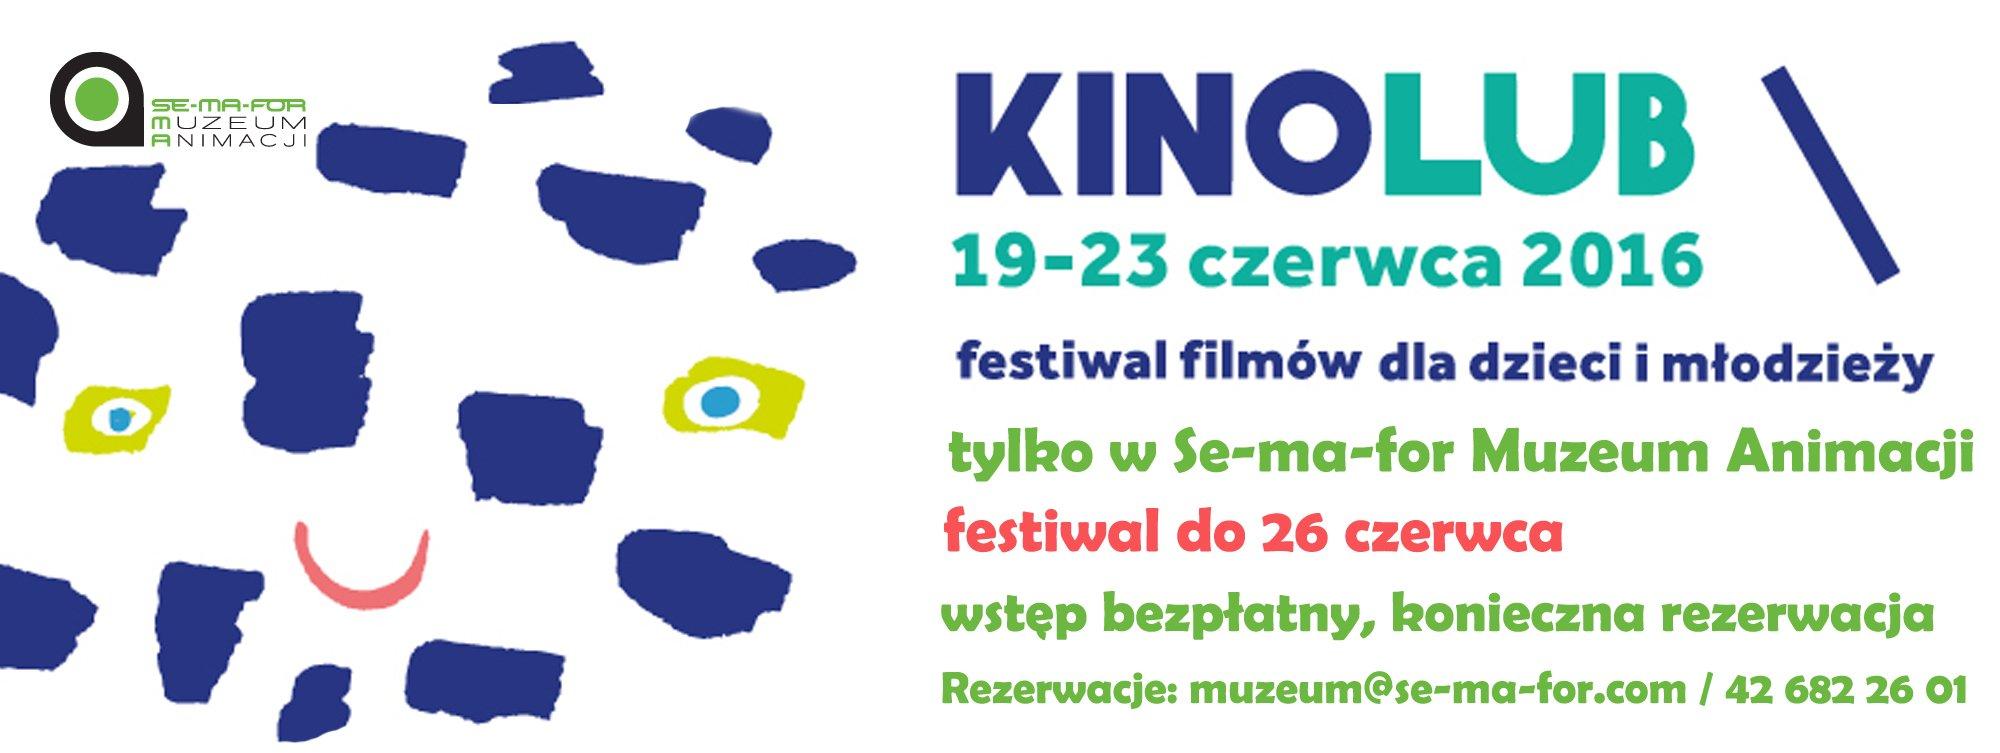 kinolub festiwal filmów dla dzieci i młodzieży